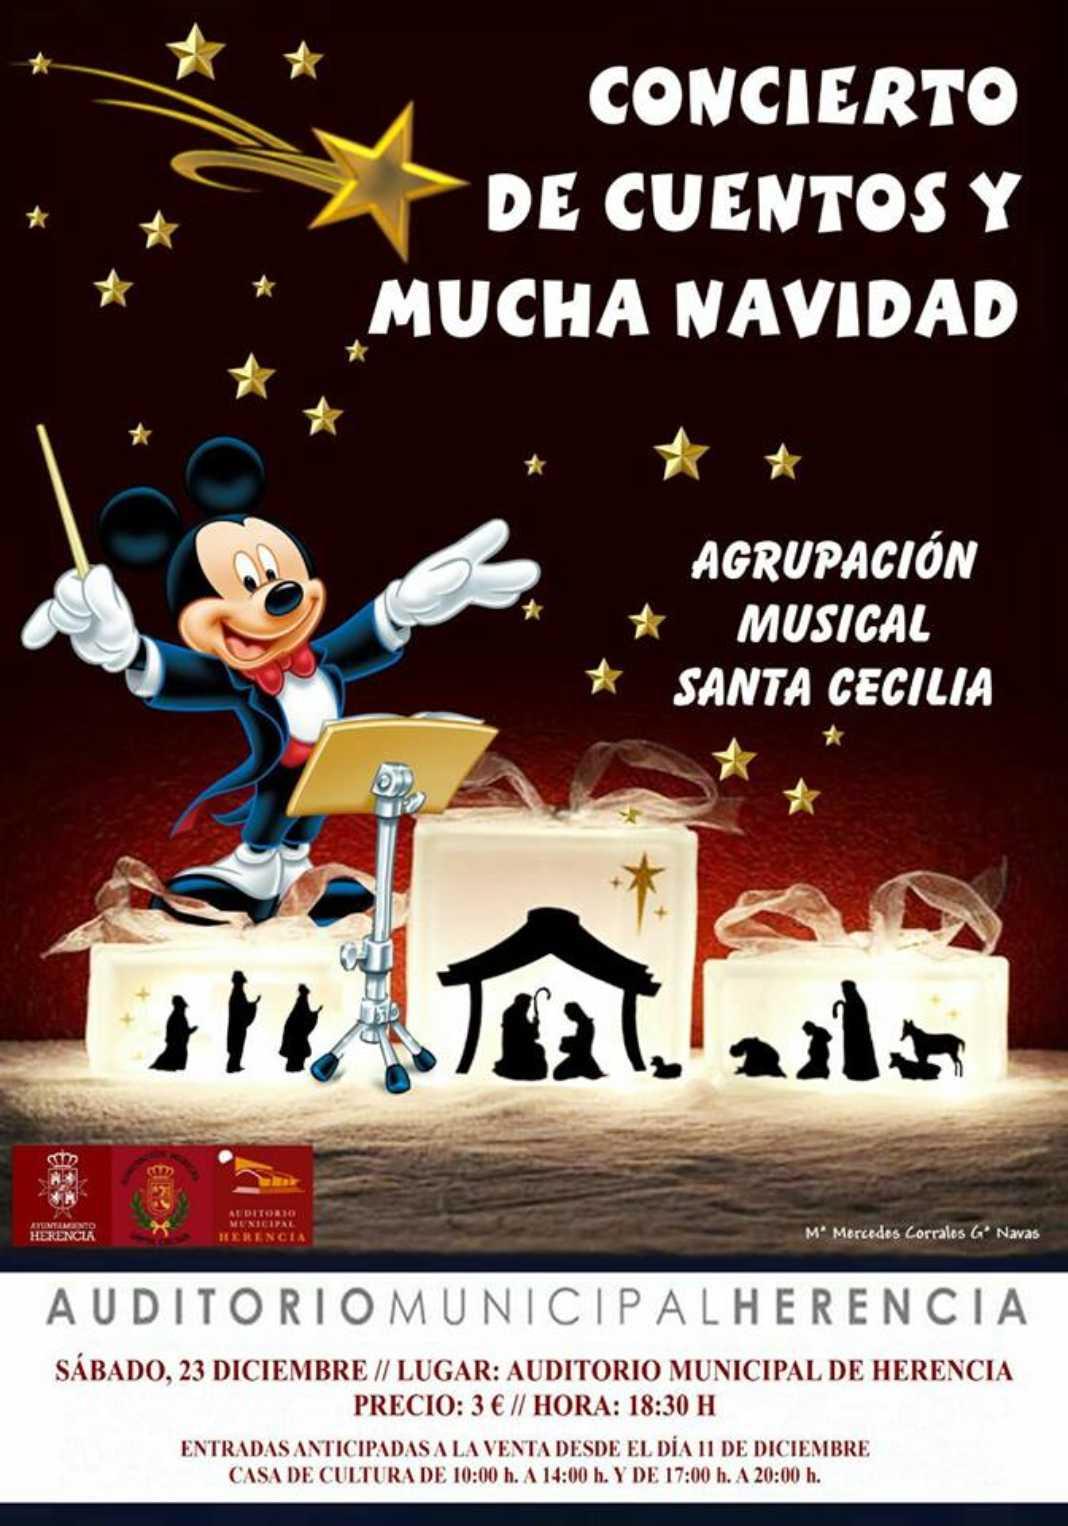 Concierto de Navidad de la agrupación Musical Santa Cecilia herencia 2017 1068x1526 - Concierto de cuentos y Navidad de la agrupación Musical Santa Cecilia